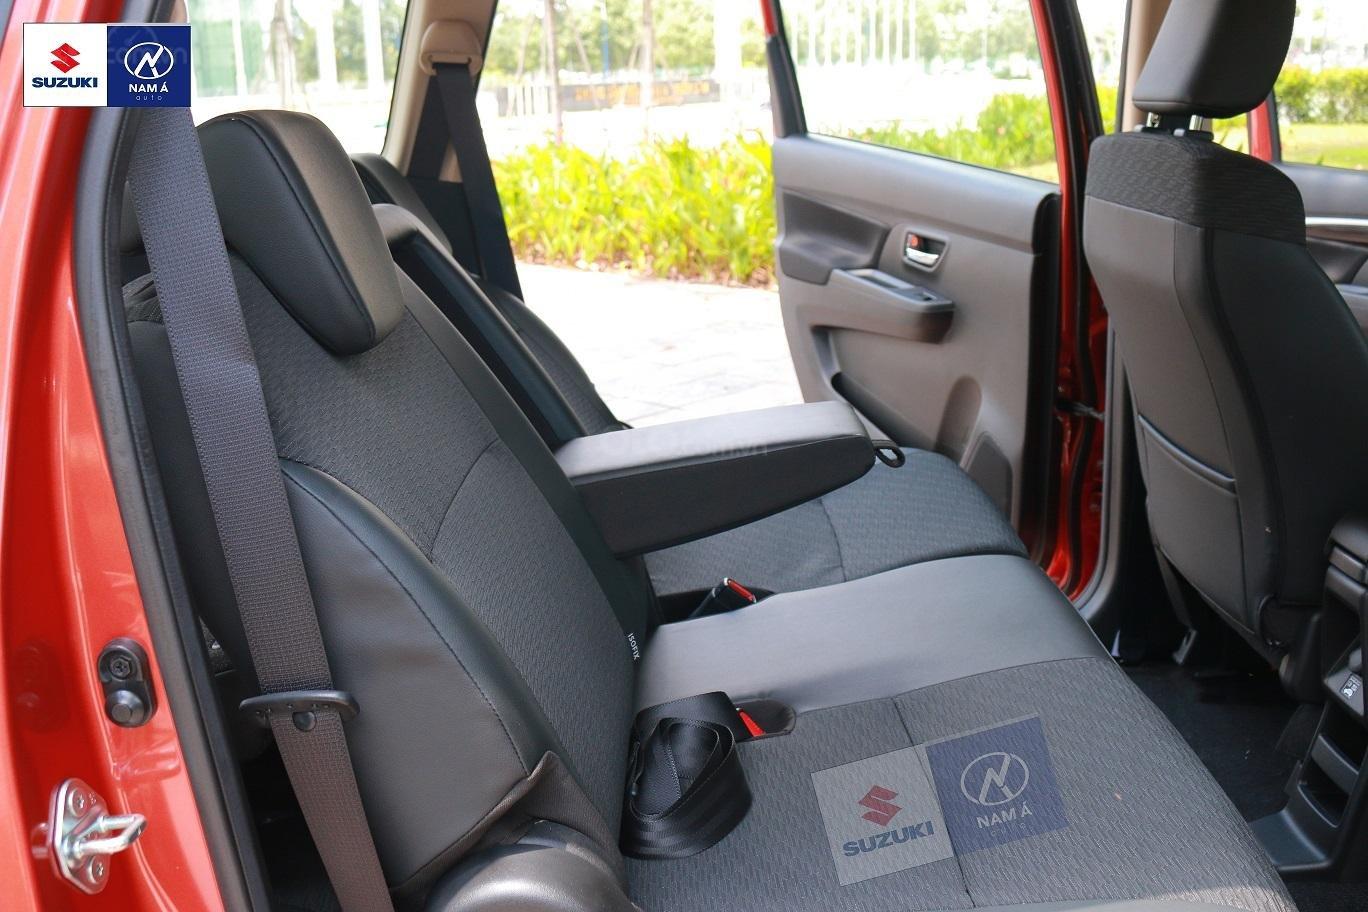 Suzuki XL7 hoàn toàn mới tại Bình Dương, xe sẵn, khuyến mãi lên đến 25tr trong tháng 12 (6)